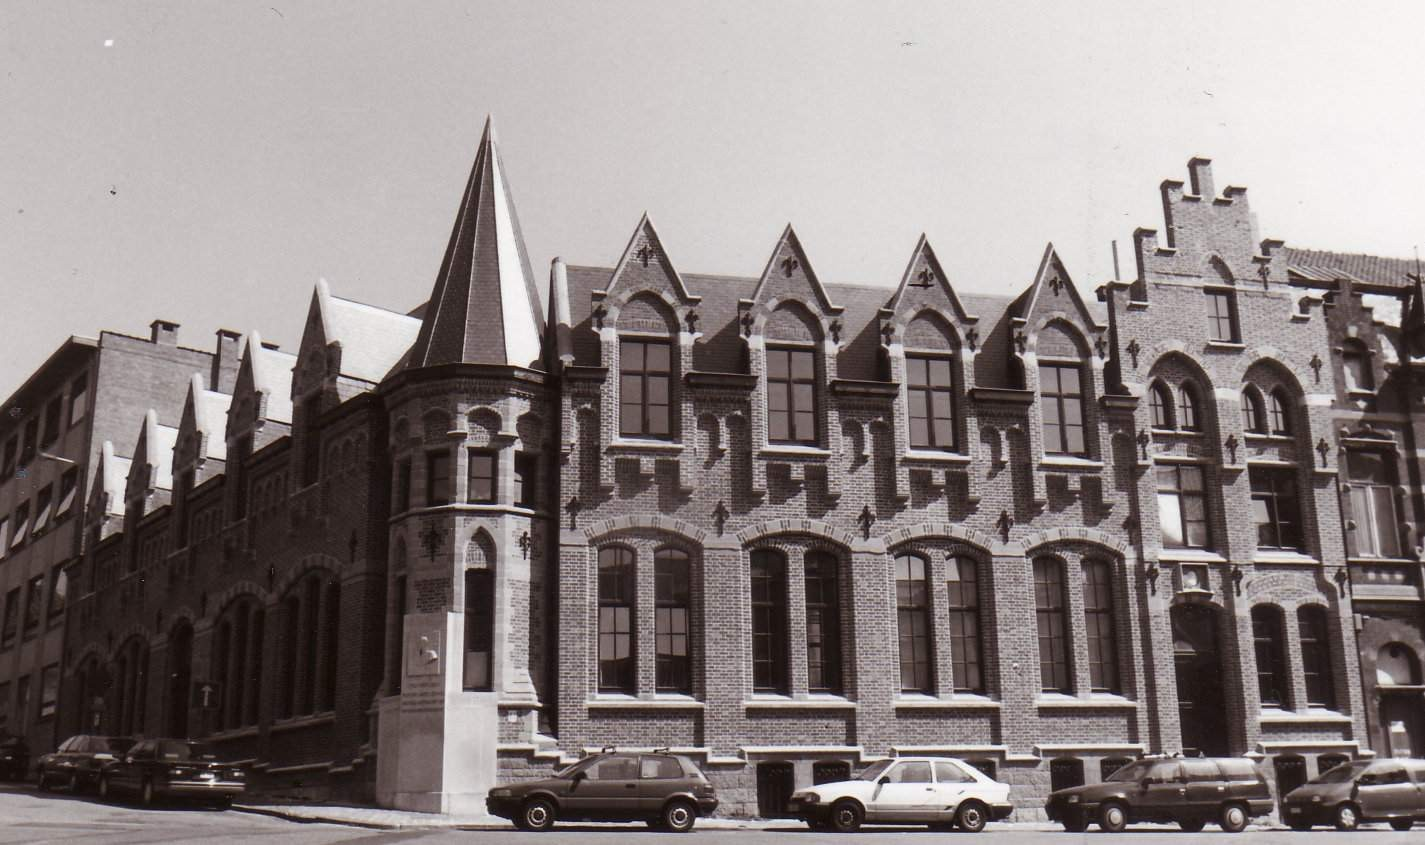 Rue Doyen Boone 2, anc. Cercle Catholique d'Etterbeek, act. Crèche Ste-Gertrude., 1994